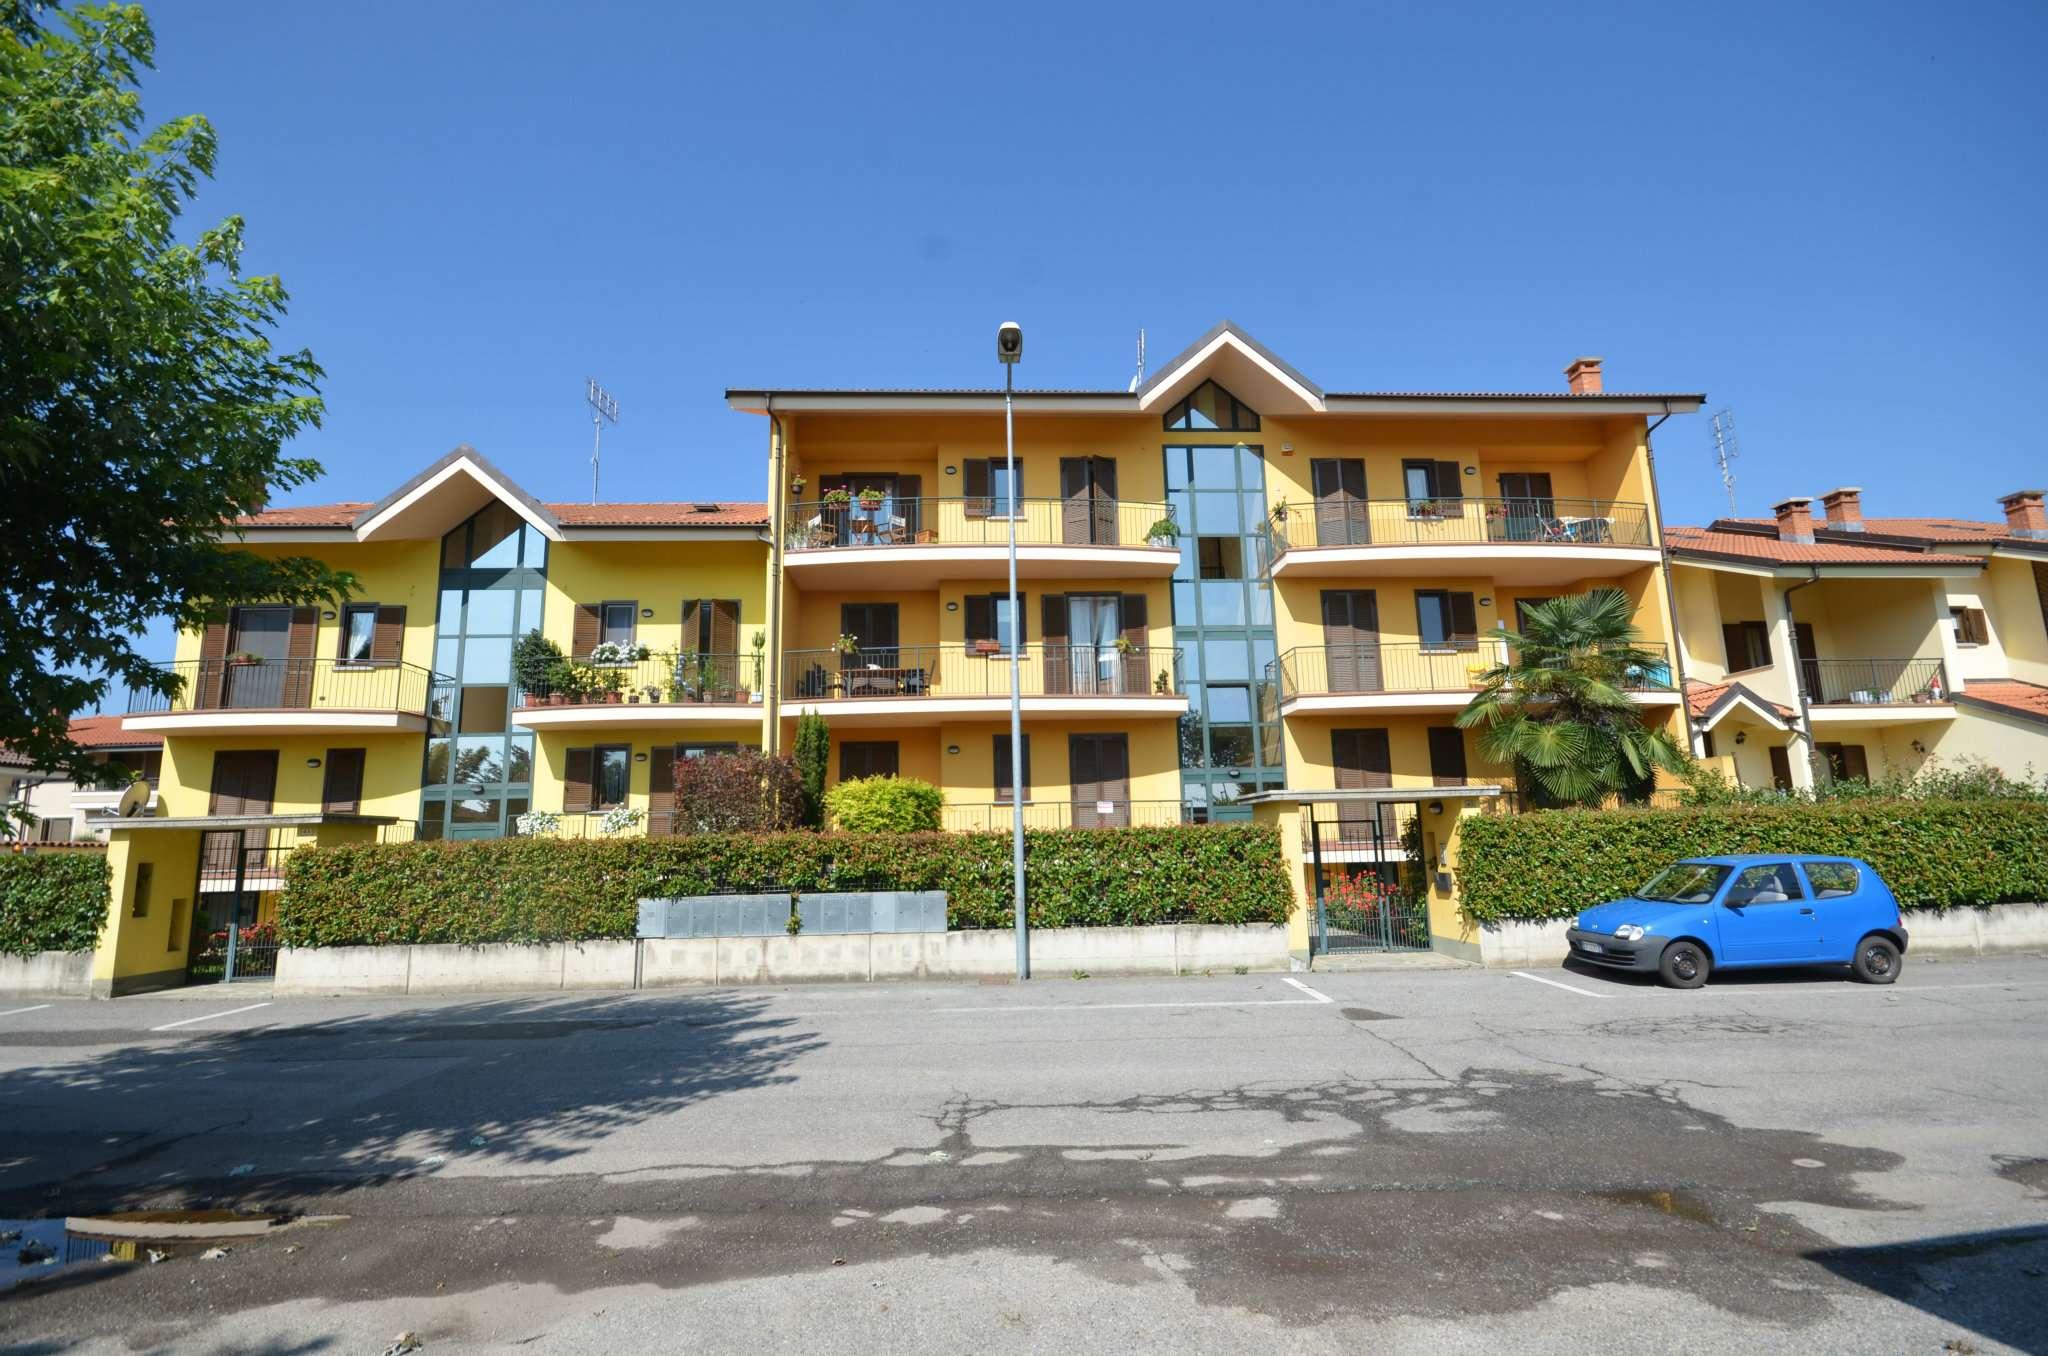 Appartamento in vendita a Centallo, 5 locali, prezzo € 198.000 | CambioCasa.it